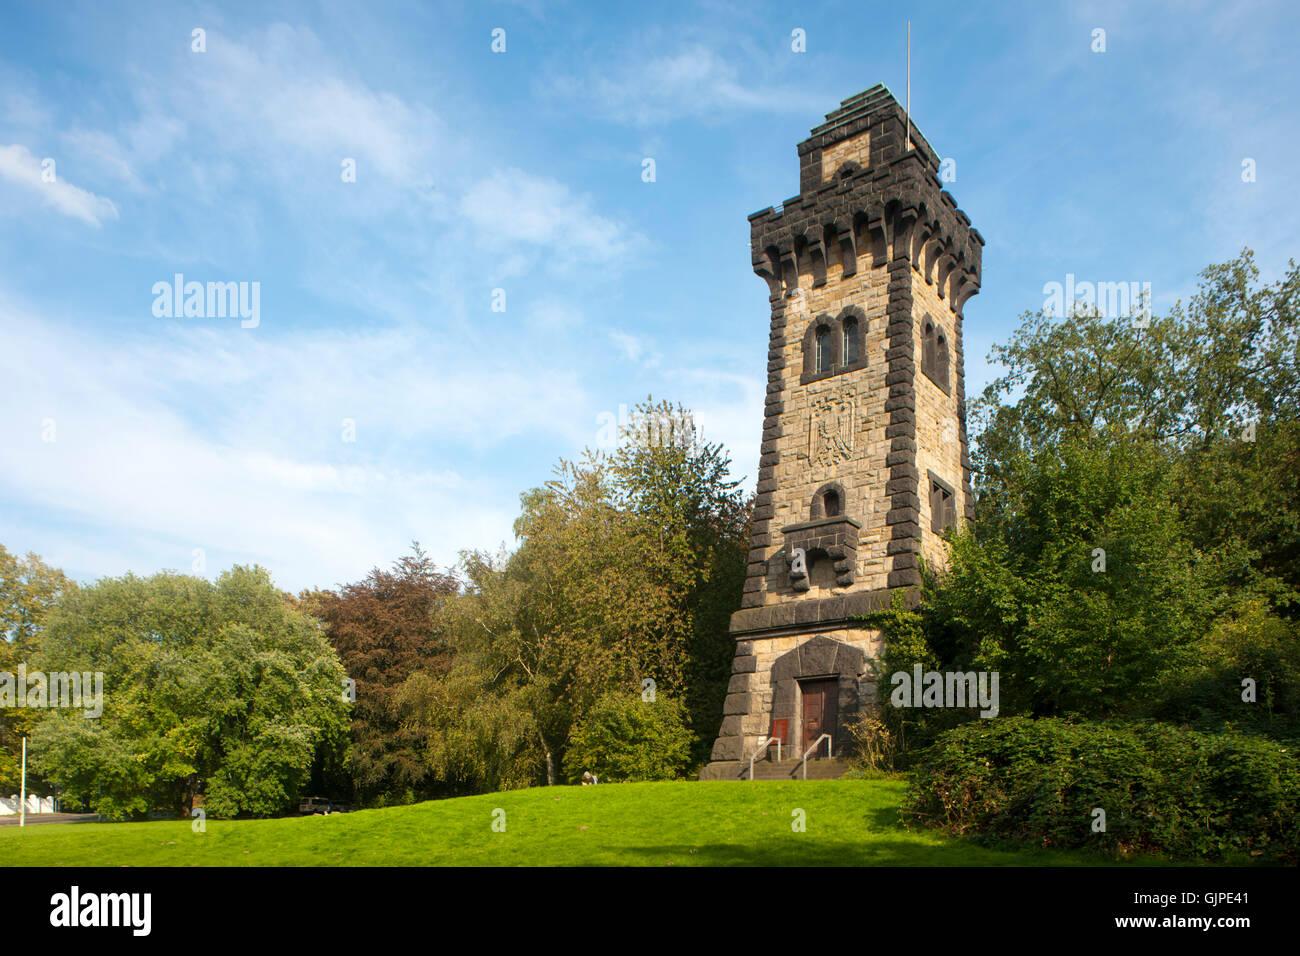 Deutschland, Nordrhein-Westfalen, Mühlheim an der Ruhr, Bismarckturm auf dem Kahlenberg - Stock Image